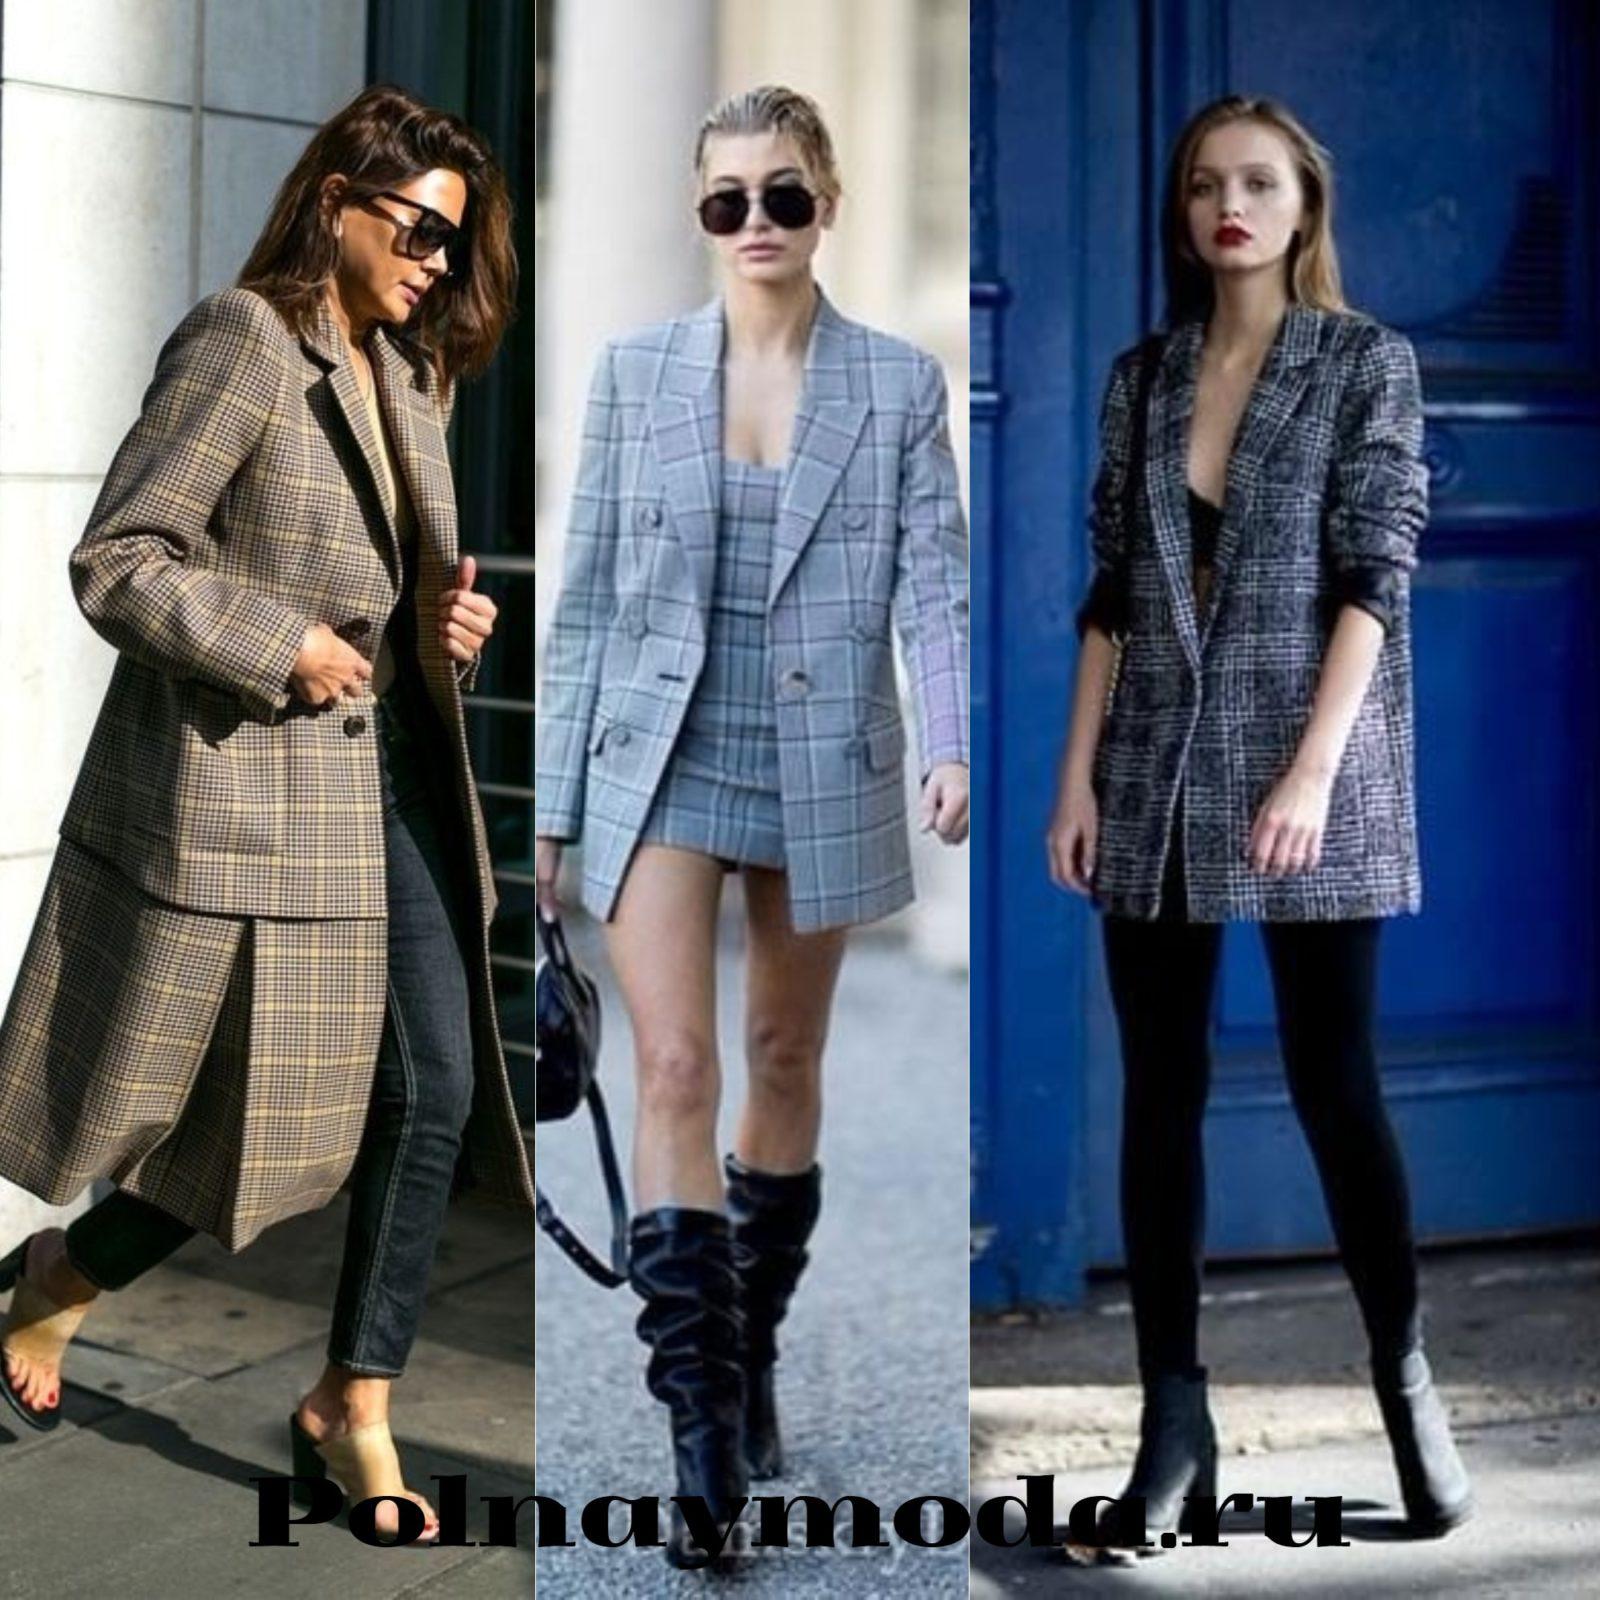 Уличная мода клетка в одежде весна лето пиджаки платья костюмы пальто